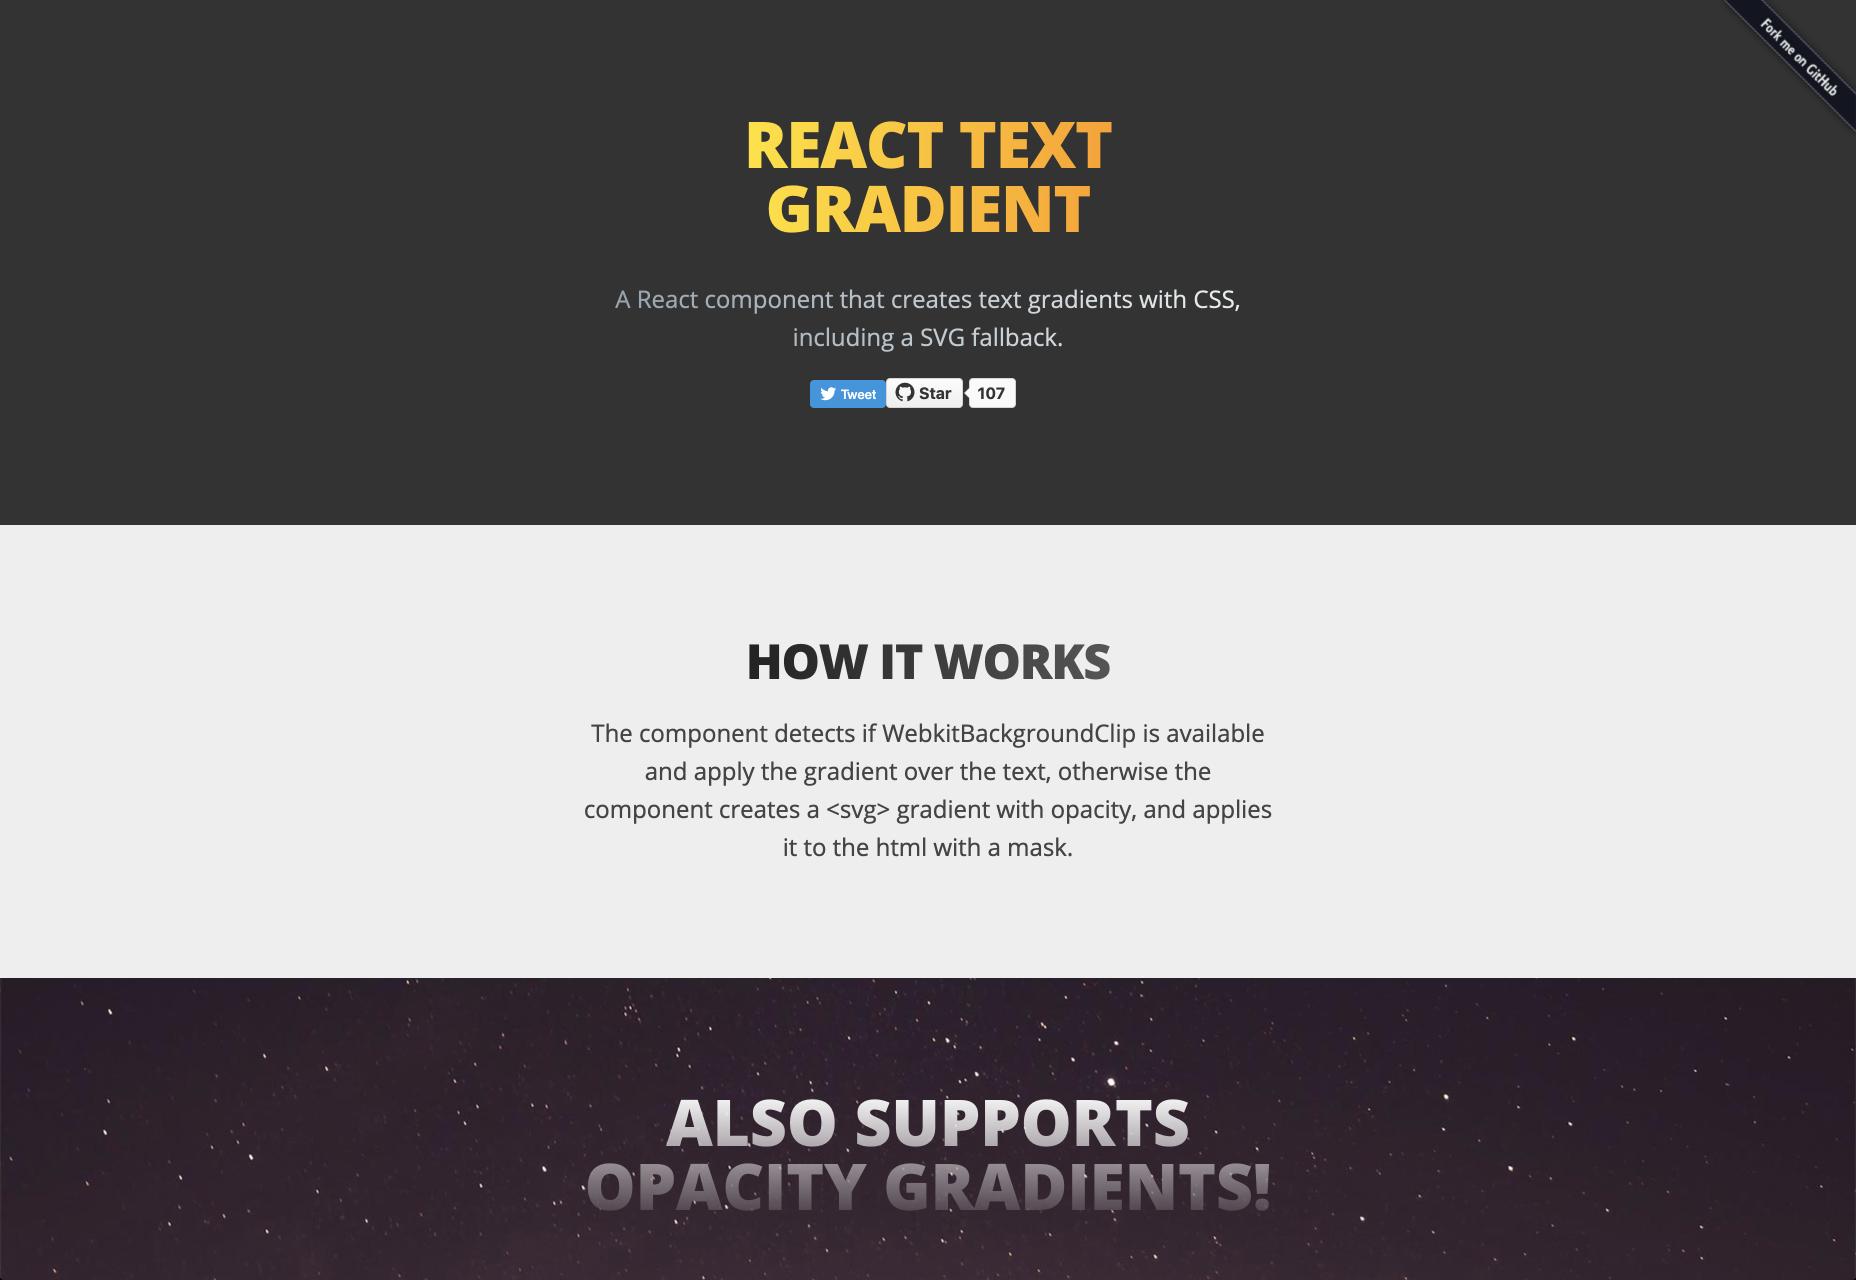 textgradient